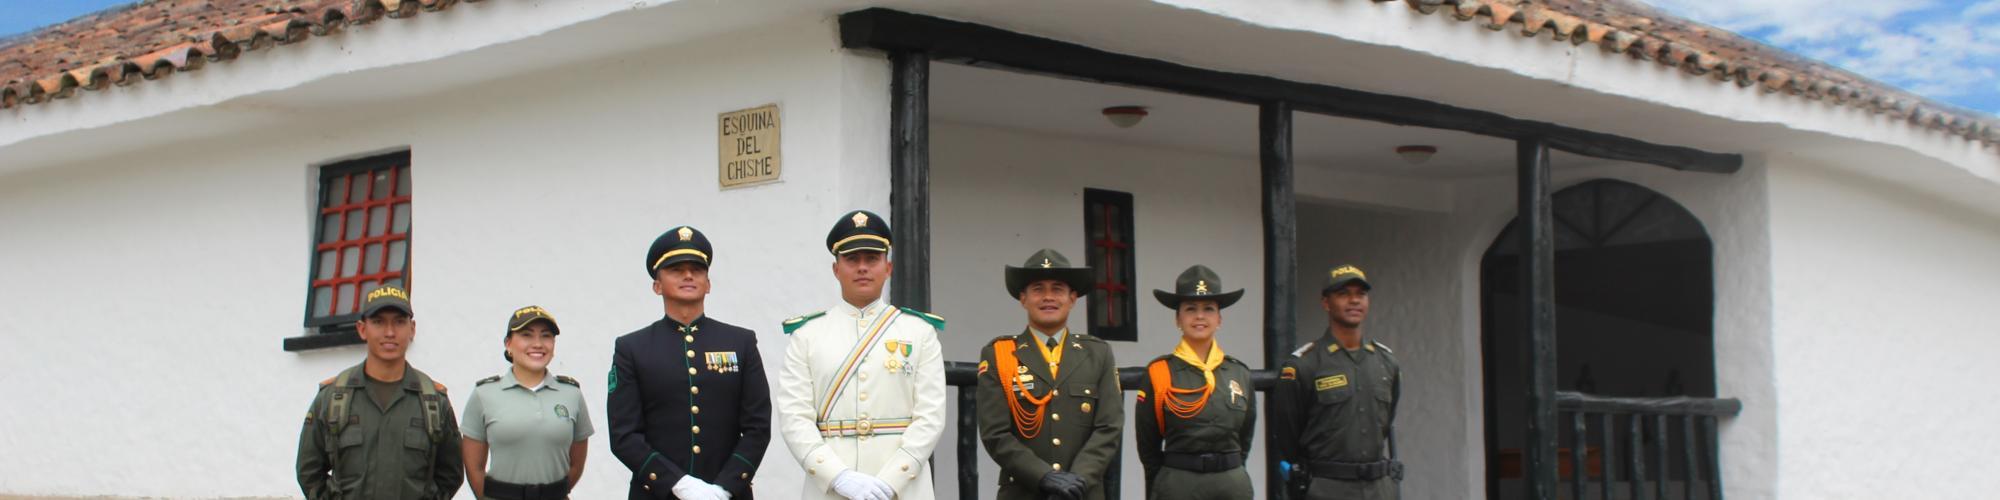 Escuela de Carabineros - ESCAR